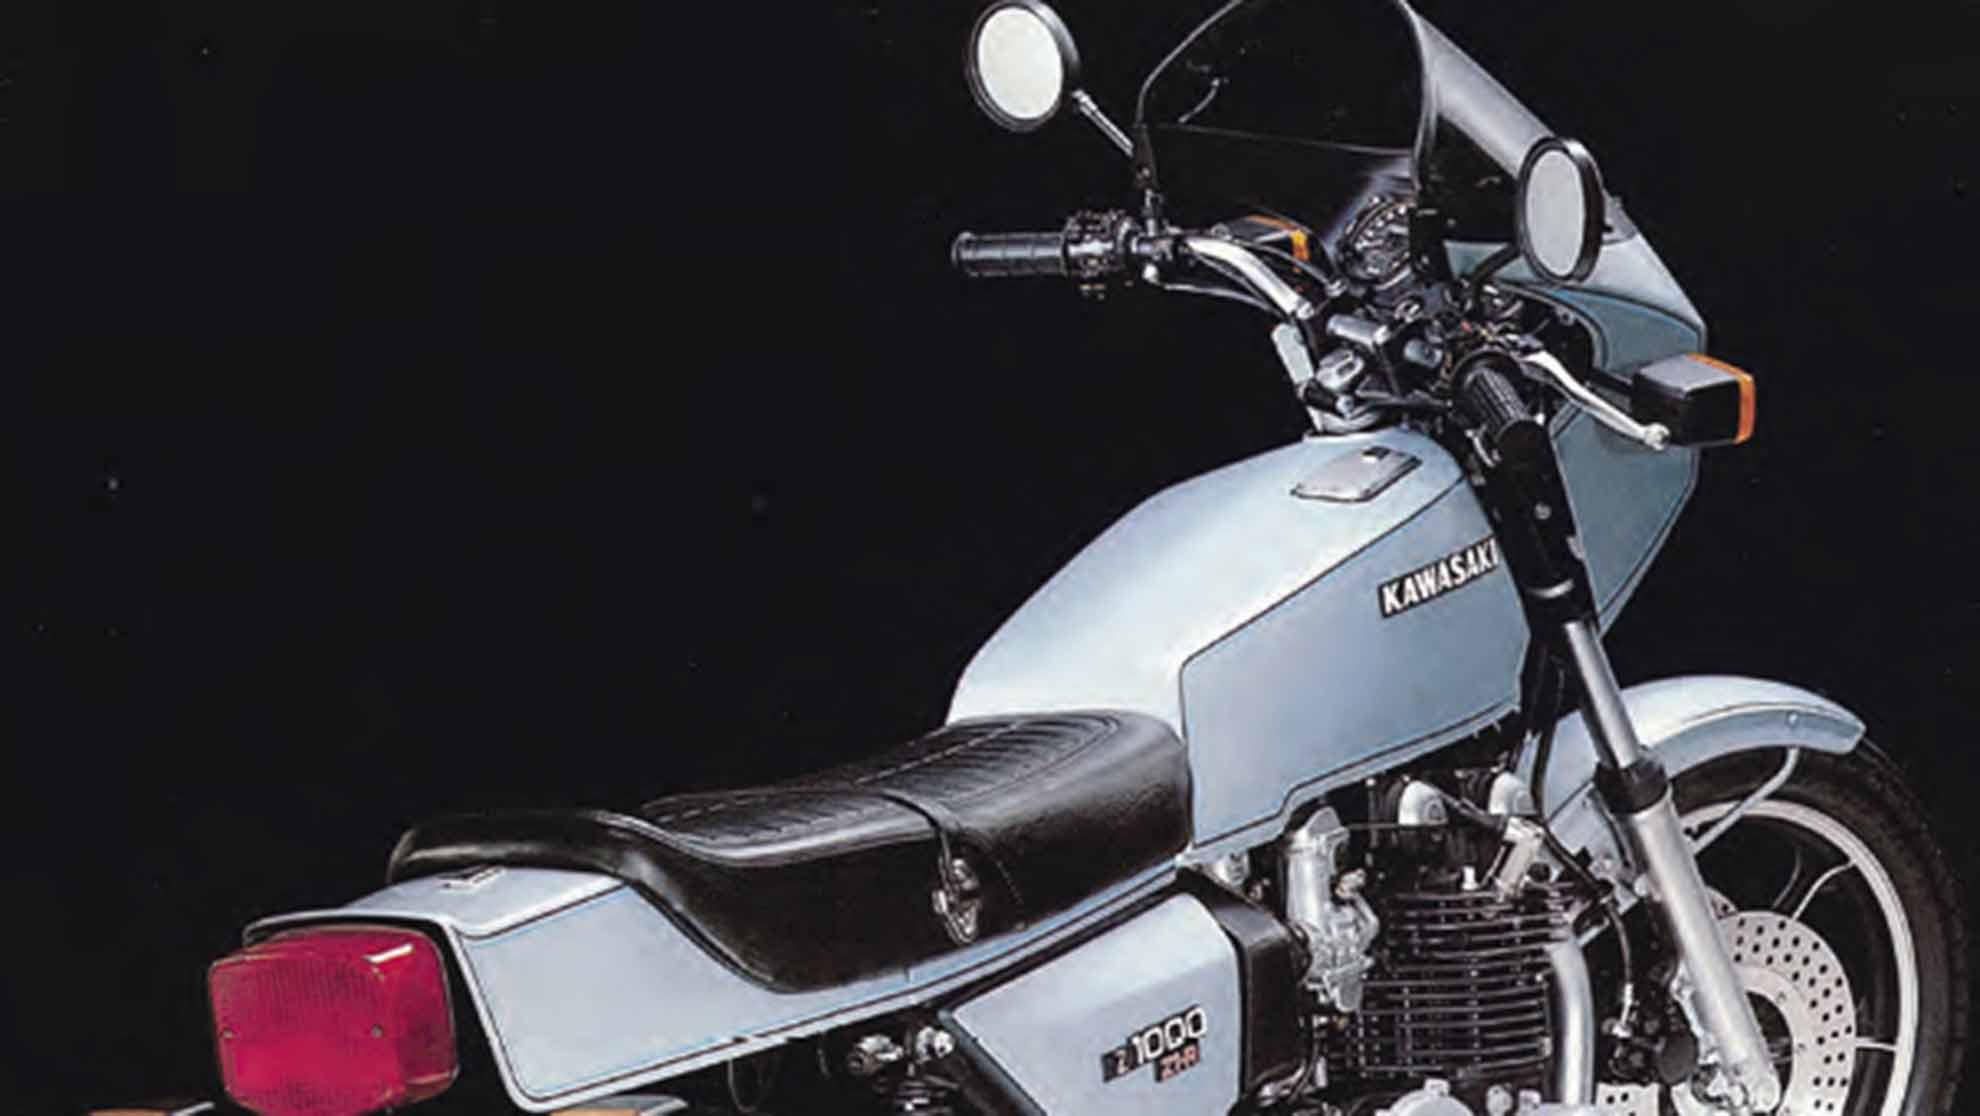 1978-k3-gross-ZEITLEISTEN_BANNER-40Jahre-Zelt-